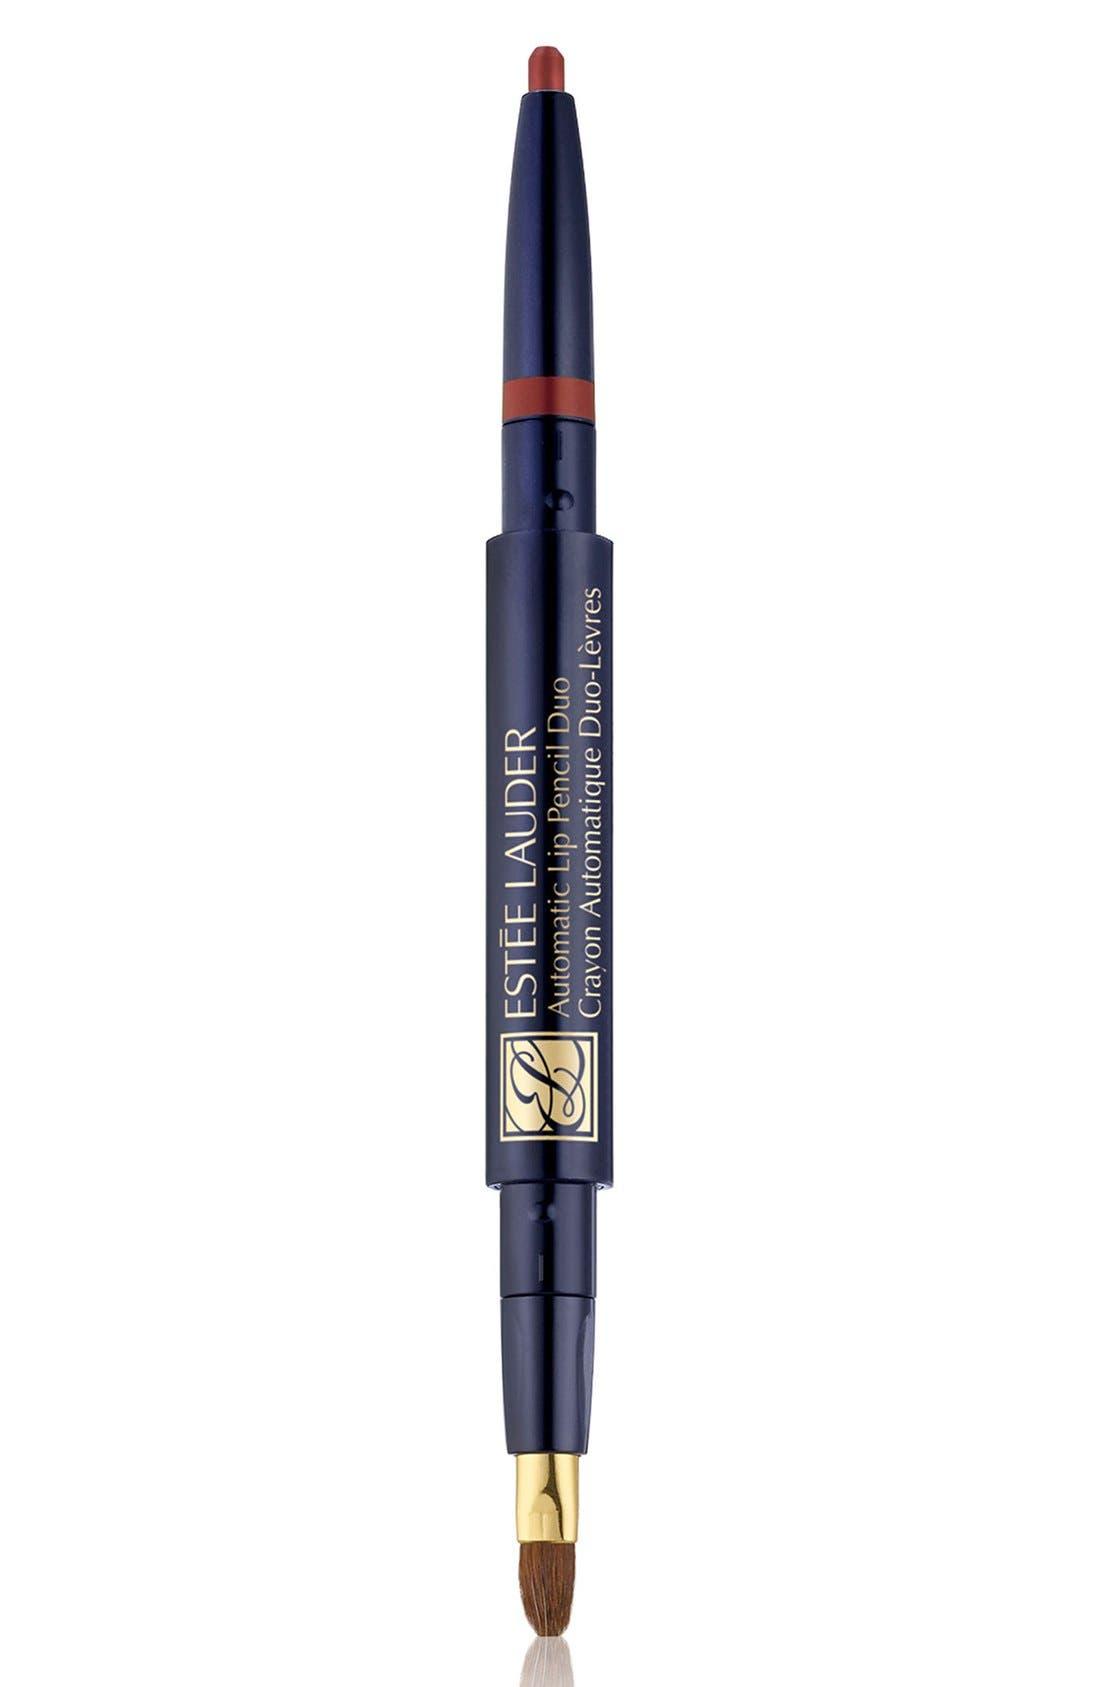 Estee Lauder Automatic Lip Pencil Duo - Terra